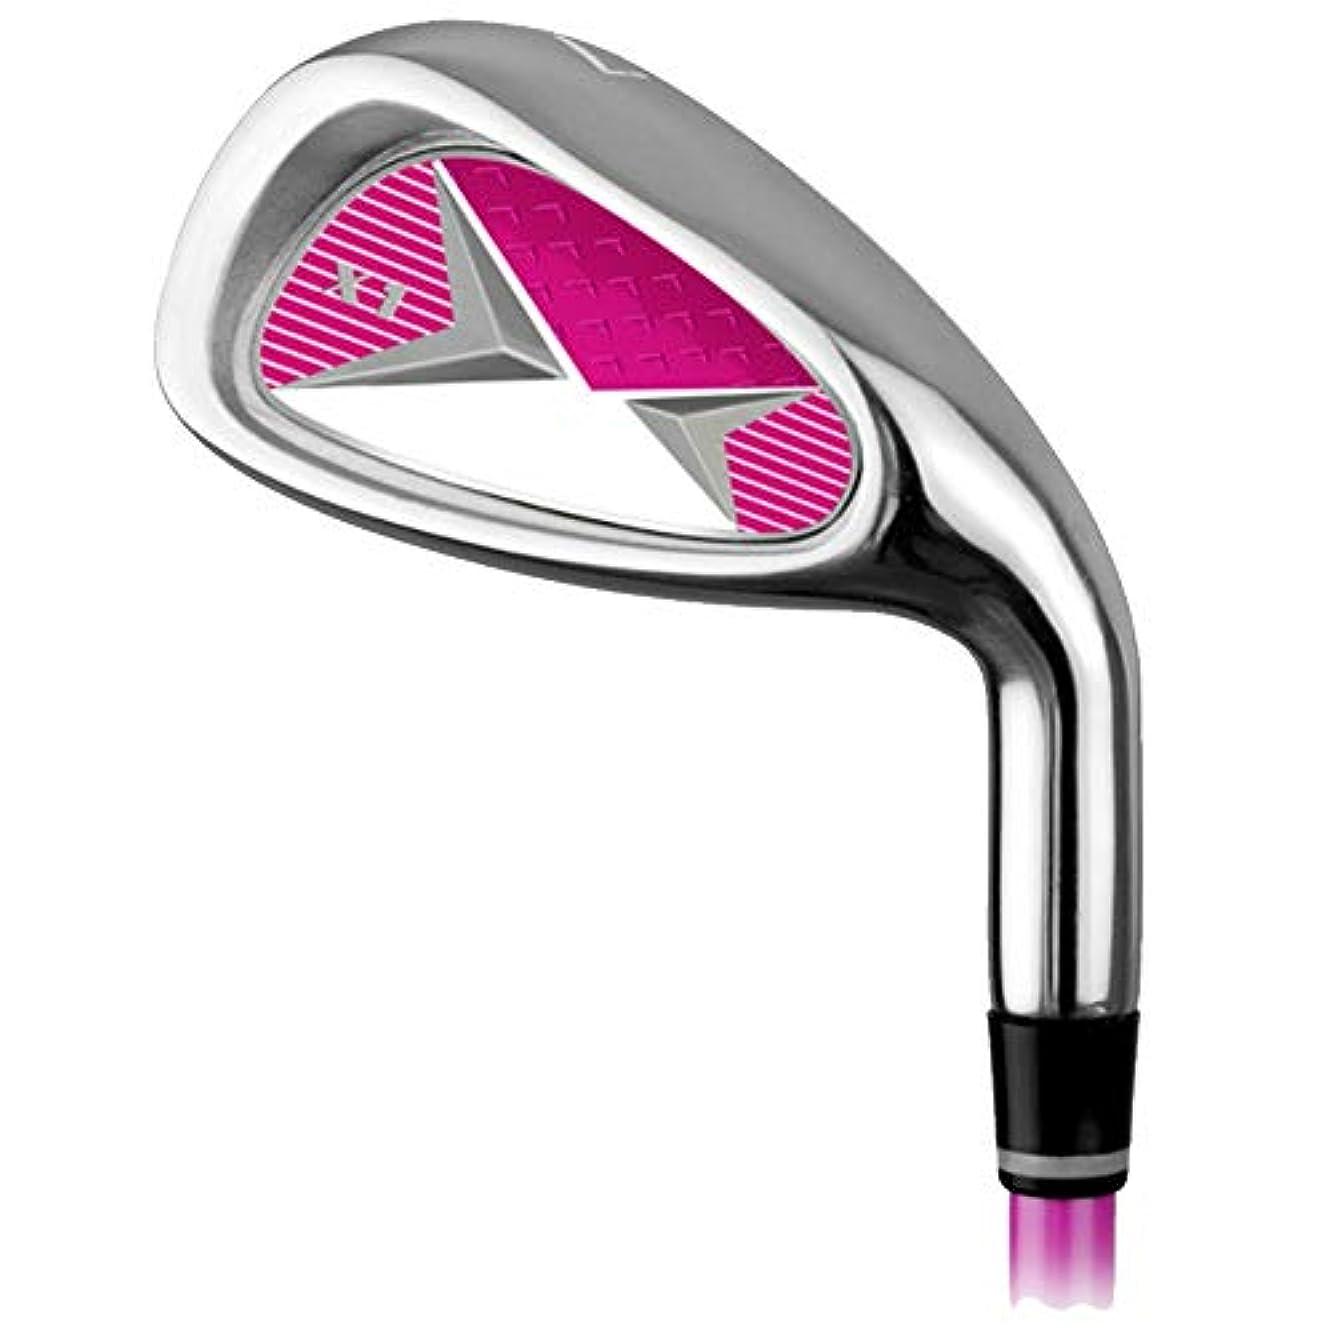 想起ブロッサム神学校ゴルフ練習クラブゴルフカーボンアイアン7アイアン男性と女性子供初心者練習ポール3?12歳オレンジレッドブルー ゴルフアイアンセットワークスパター (色 : 9-12Age-pink, サイズ : Steel body)